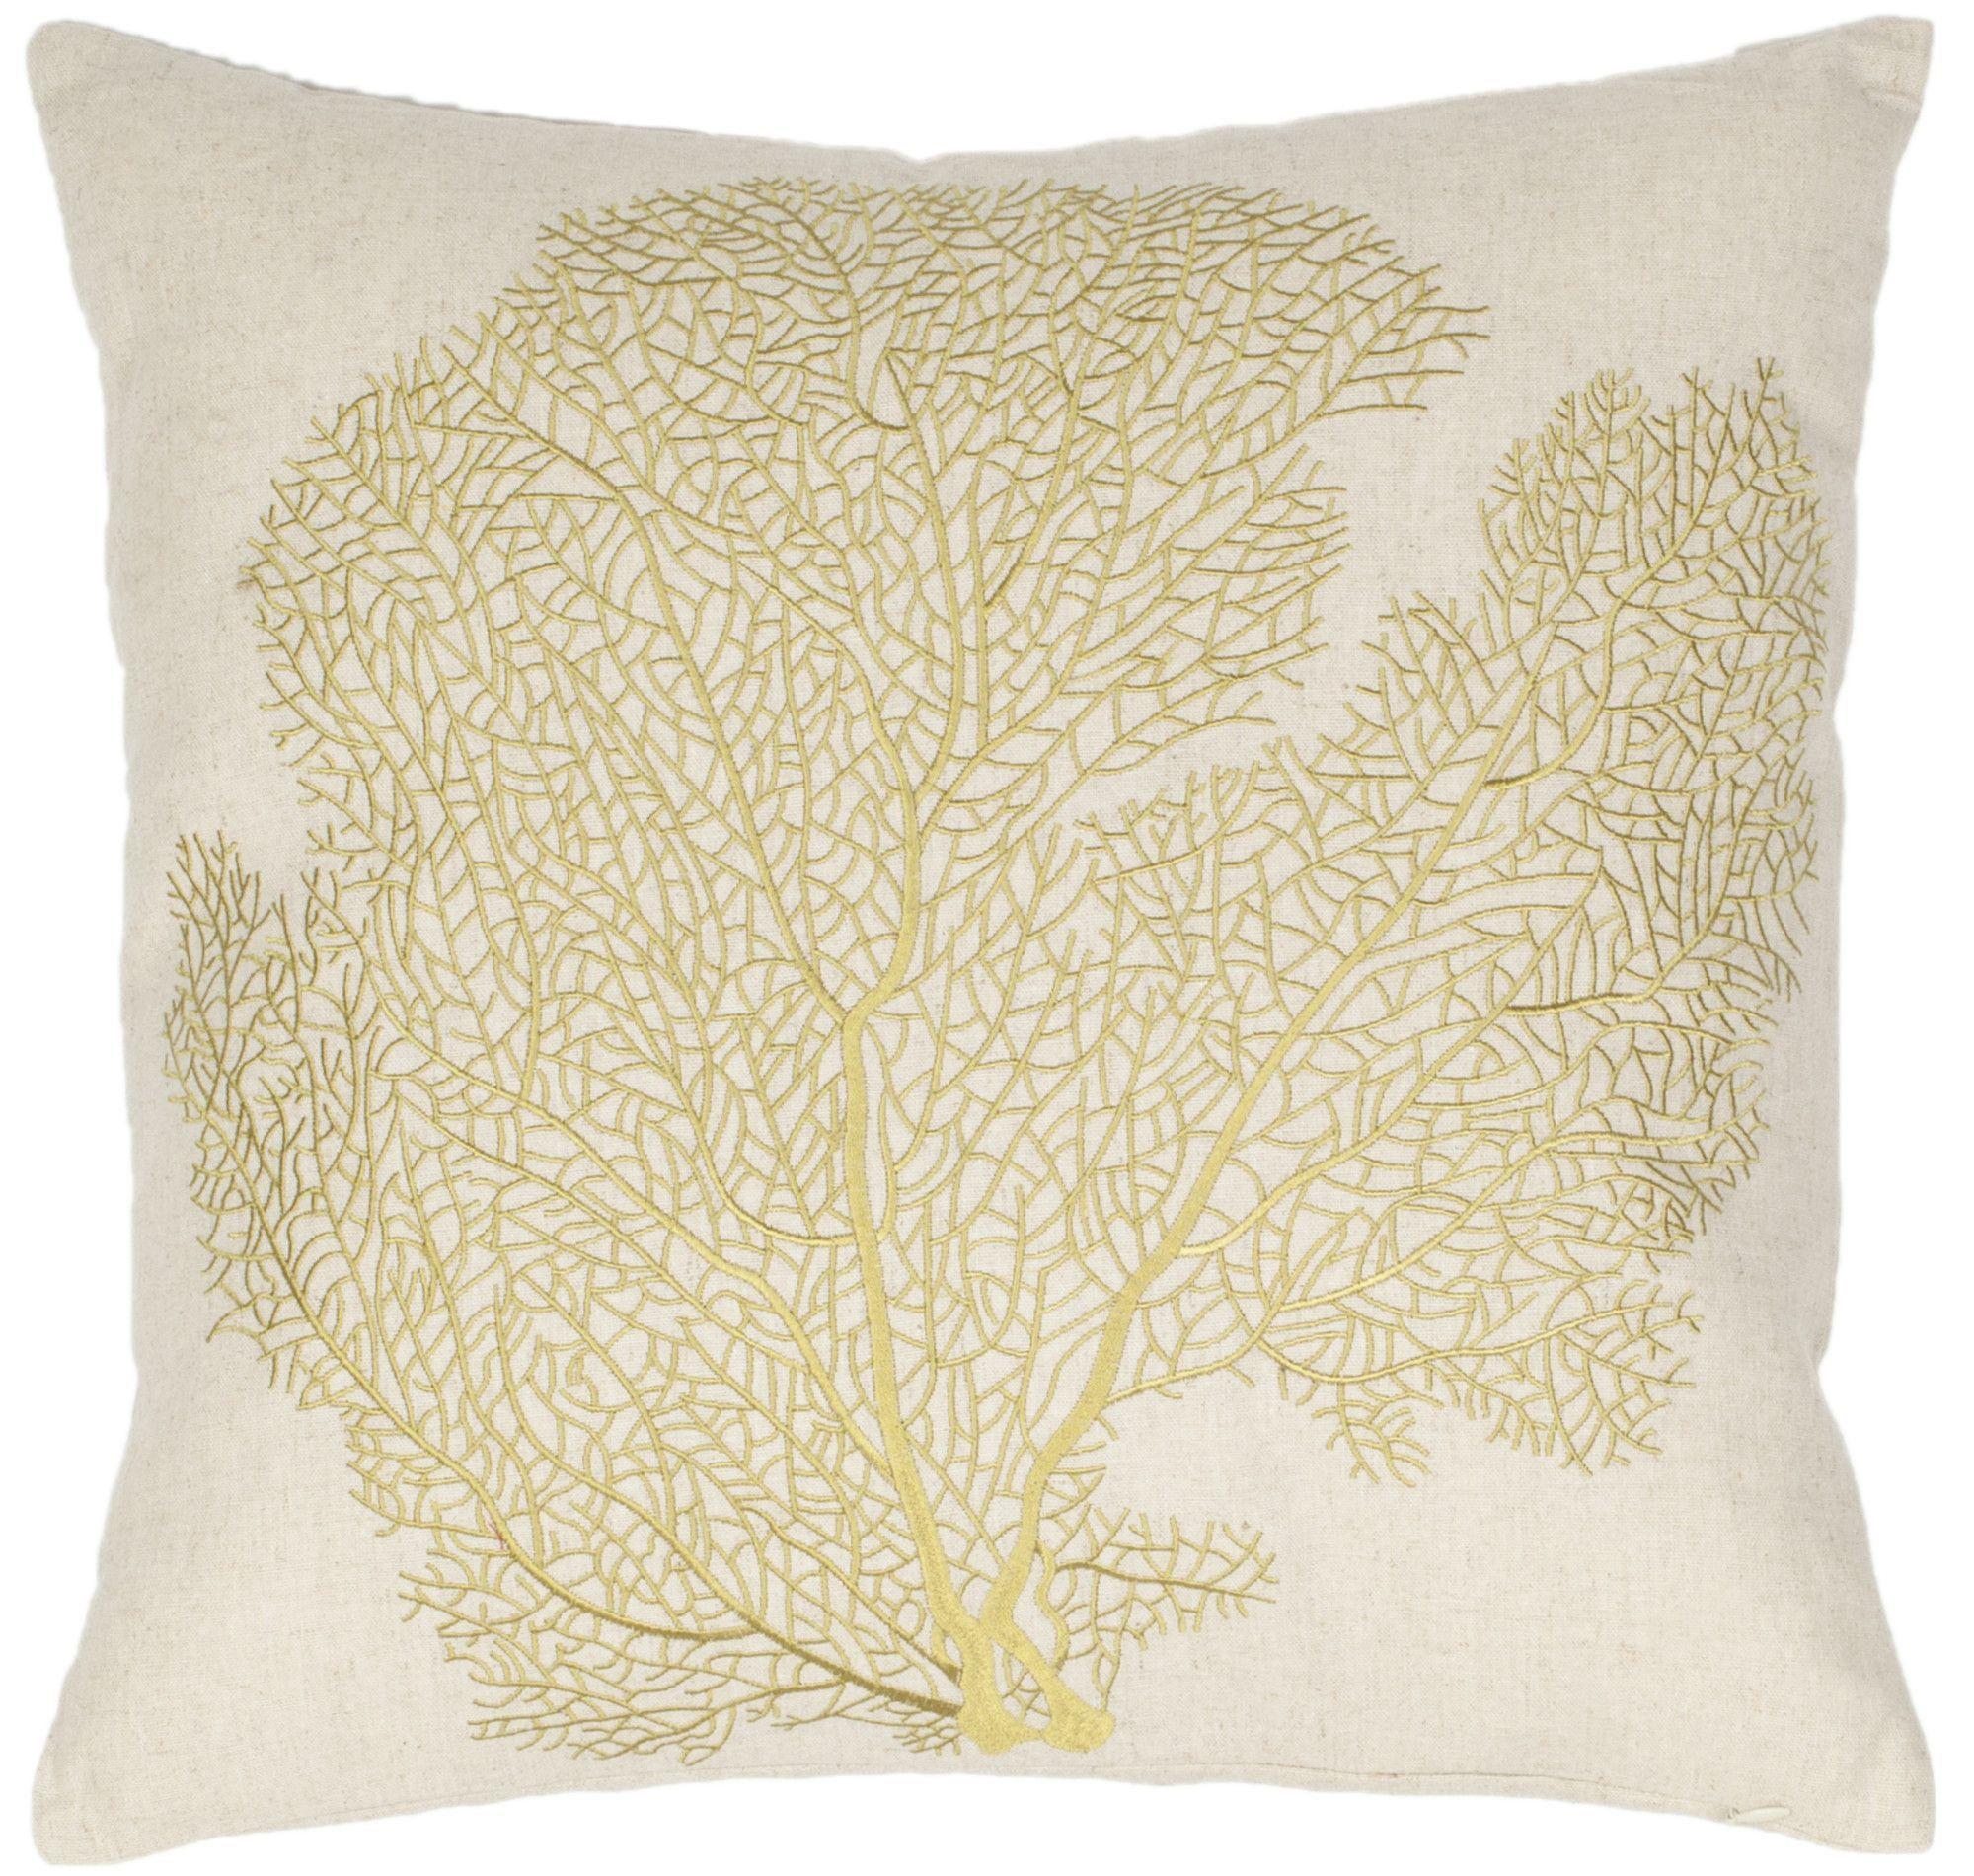 Pebble Creek Indoor Outdoor Throw Pillow